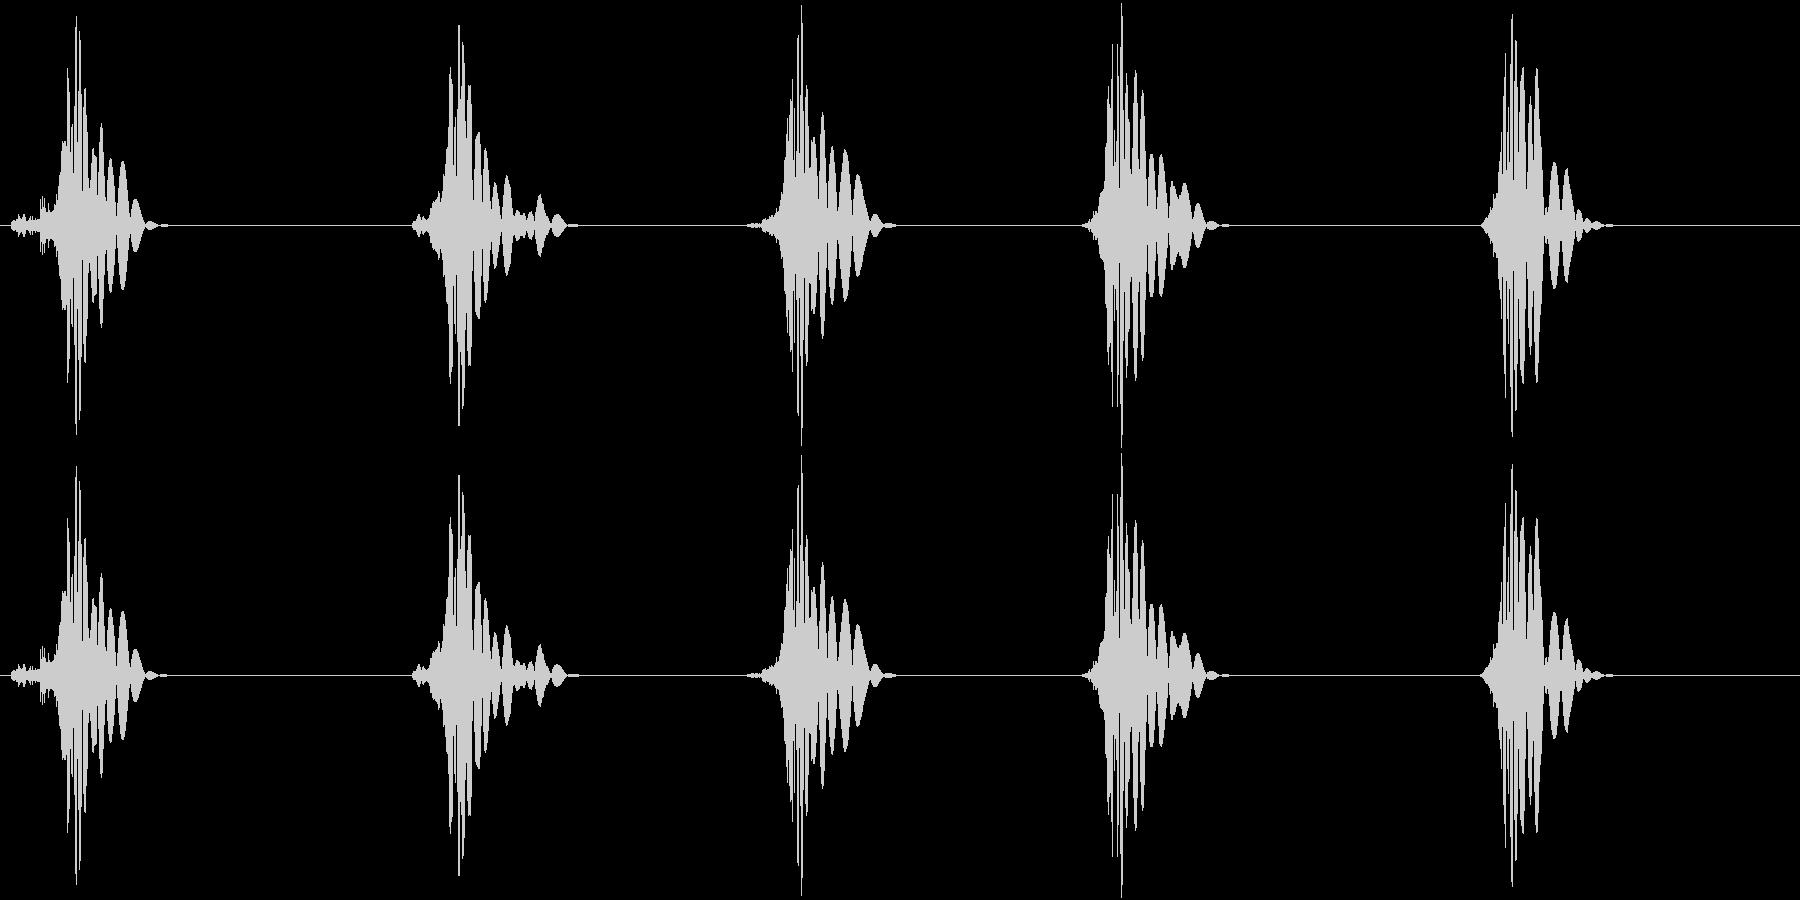 ドフッ 鈍い 攻撃 重い足音の未再生の波形